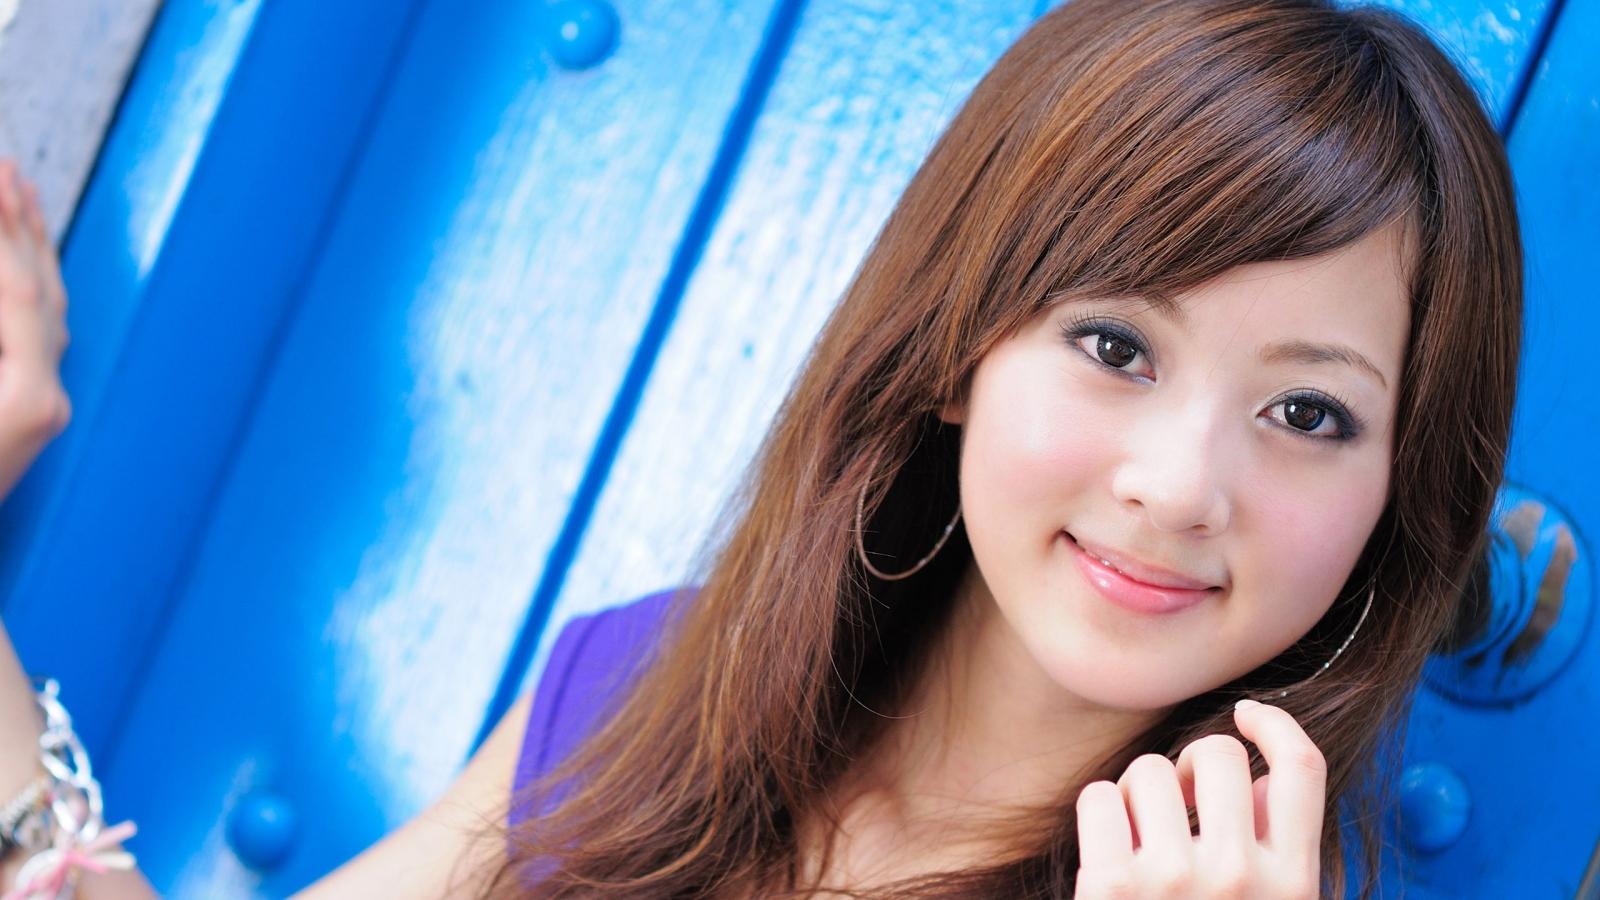 Una linda asiatica - 1600x900